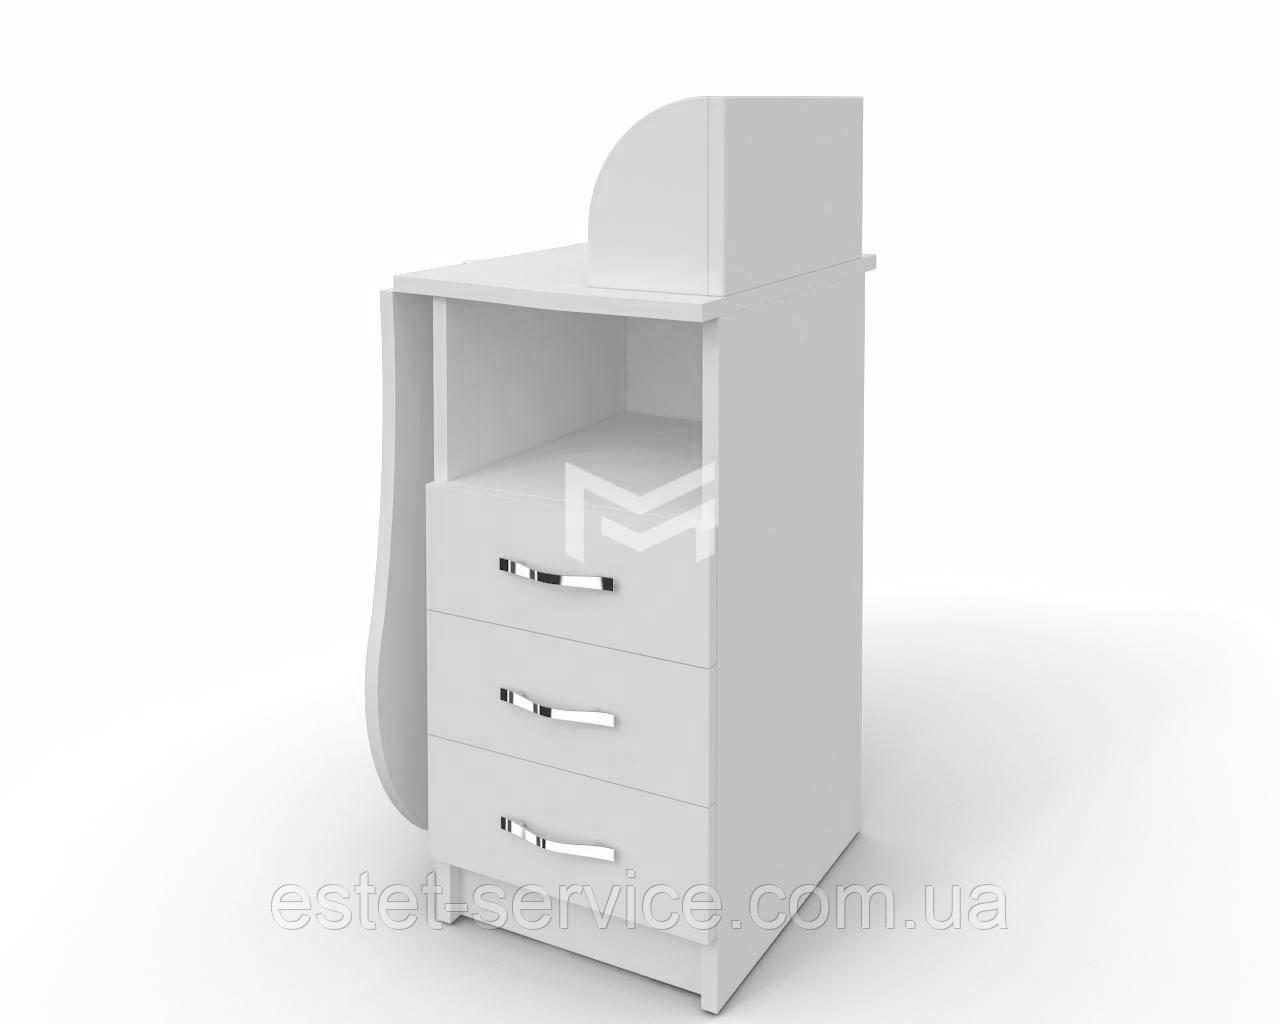 Маникюрный стол-трансформер Естет компакт №3 белый